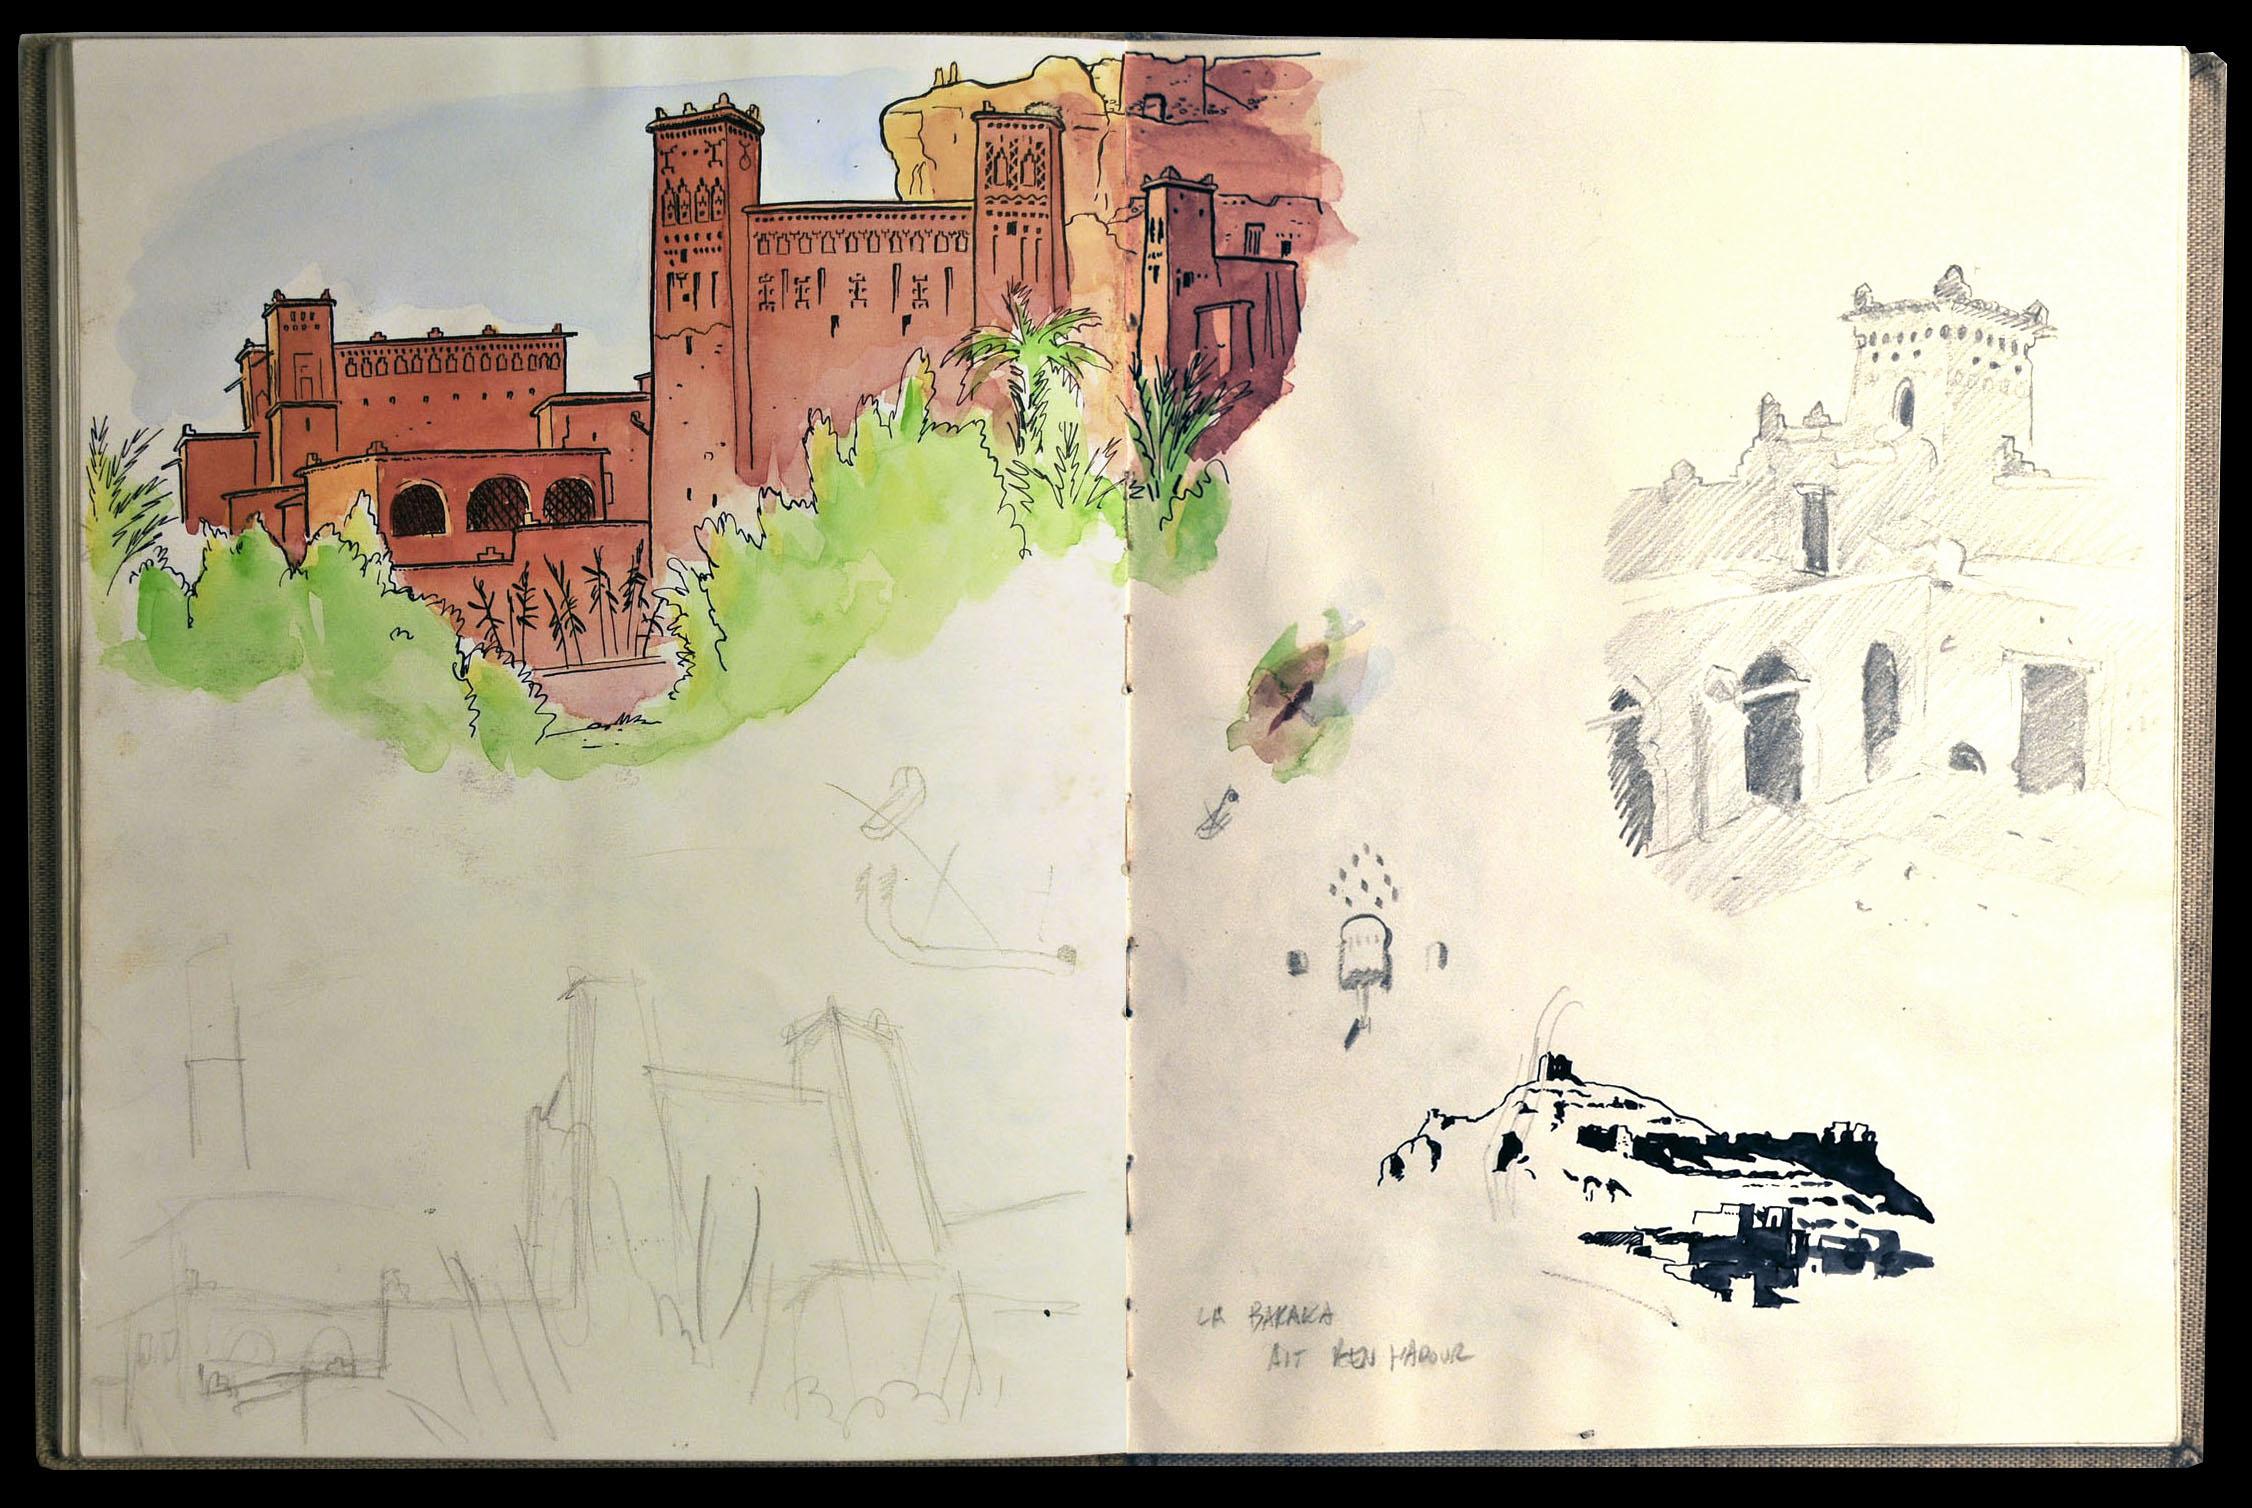 ulrich-schroeder_sketchbook_morocco_2